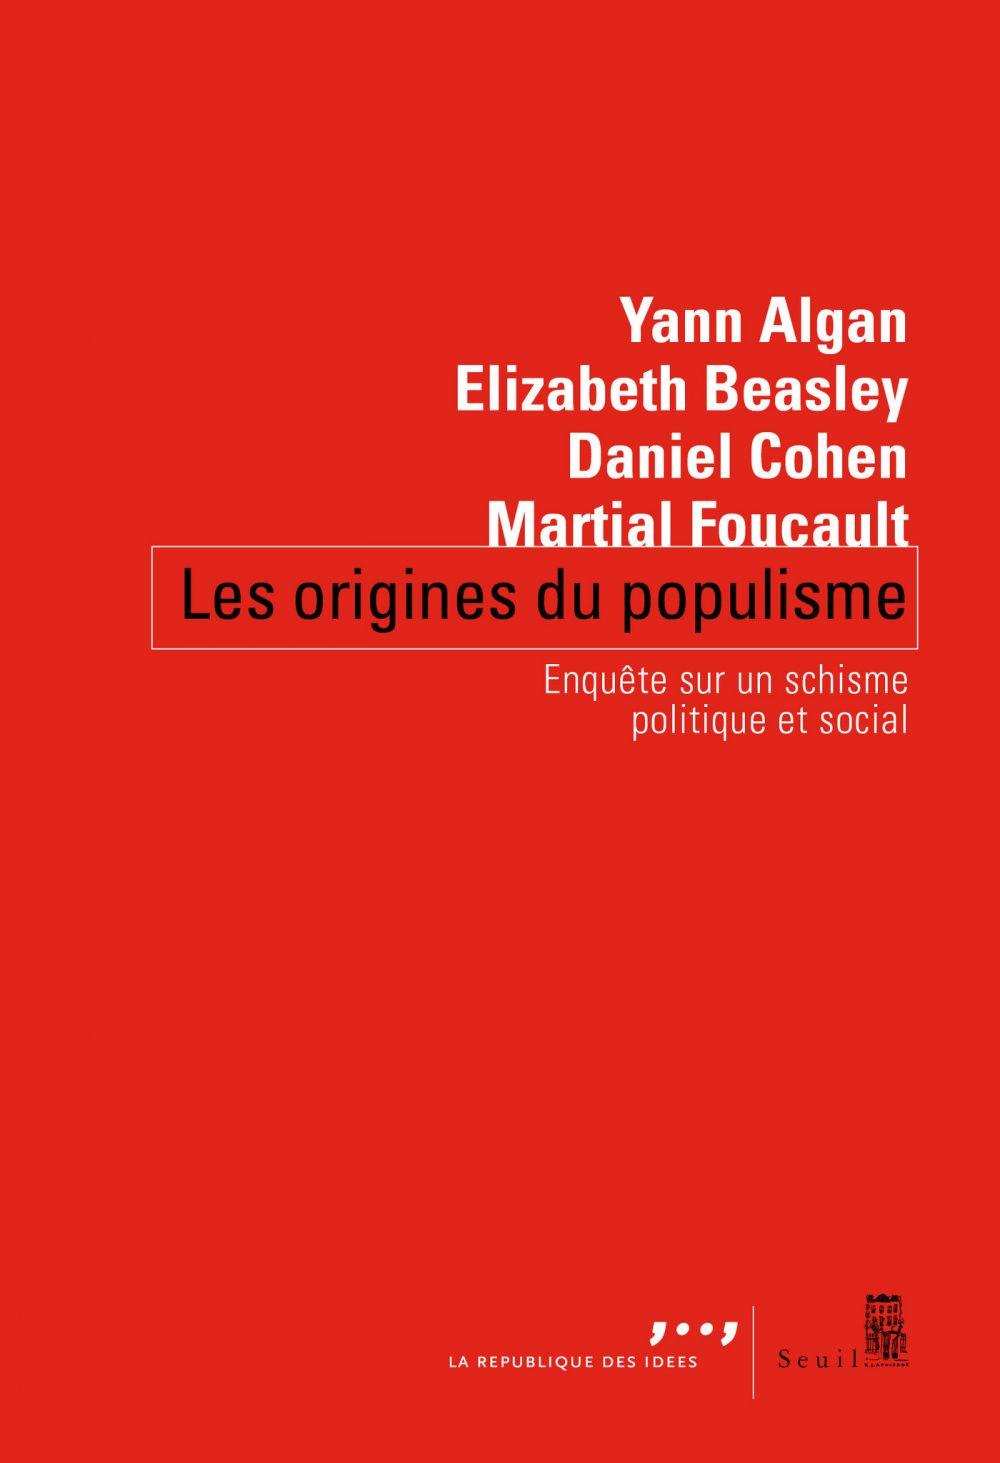 Les origines du populisme |